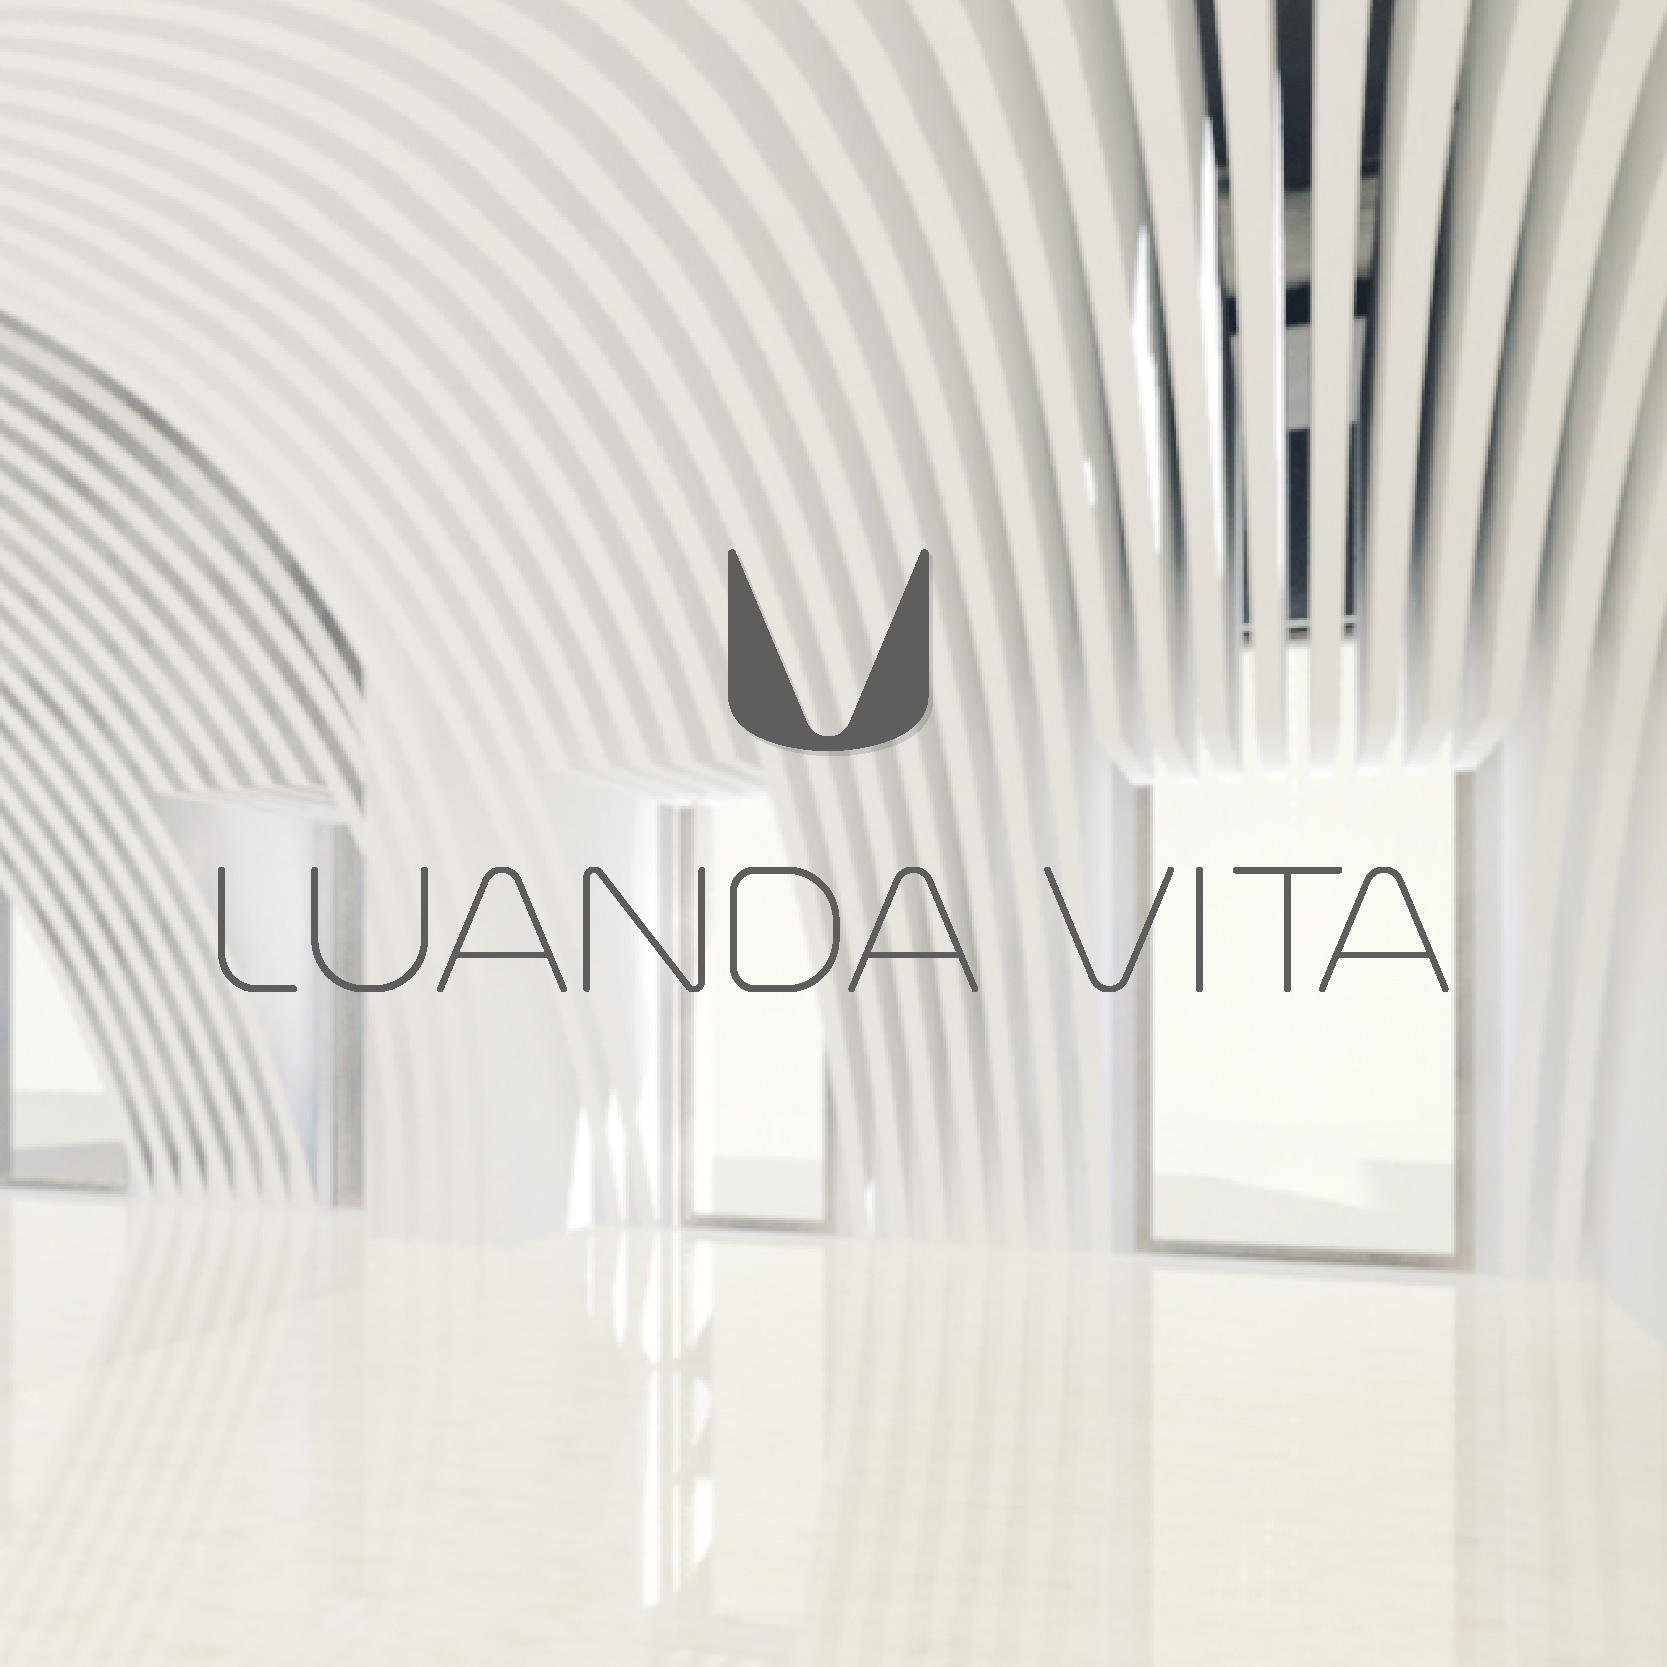 LuandaVita_THUMB-02